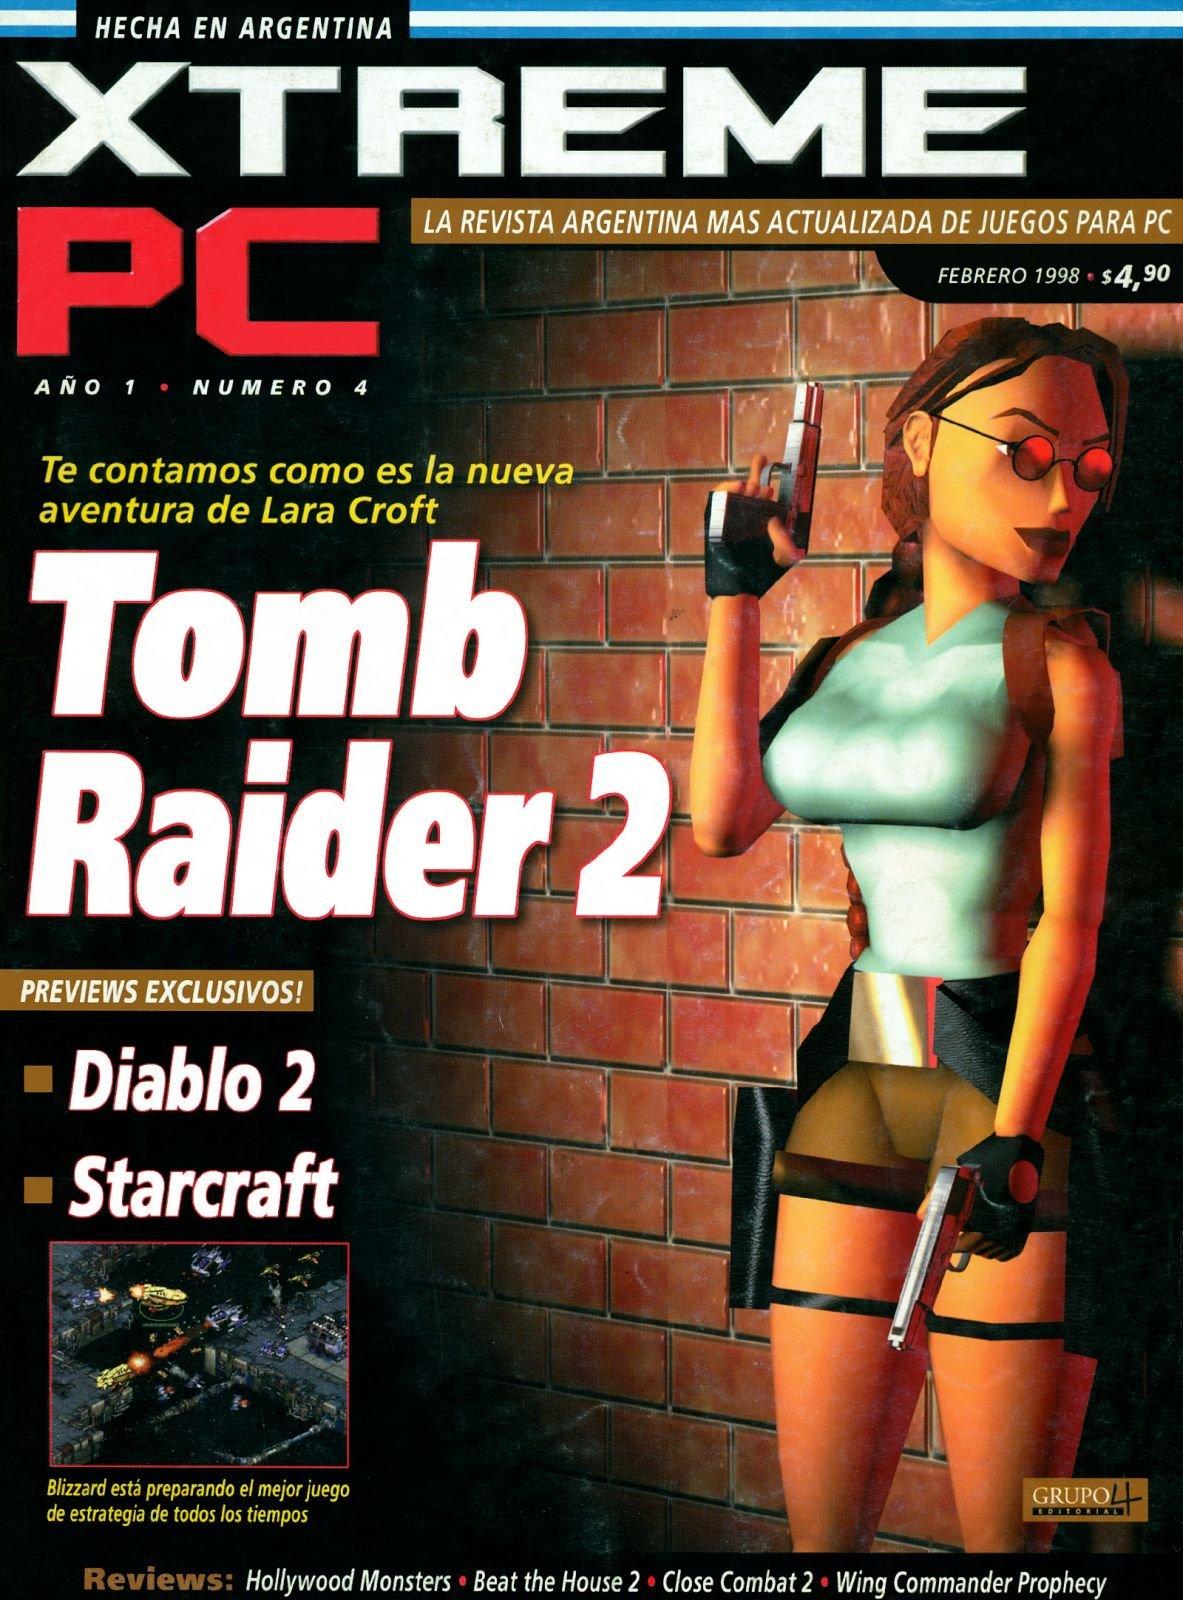 Xtreme PC 04 February 1998